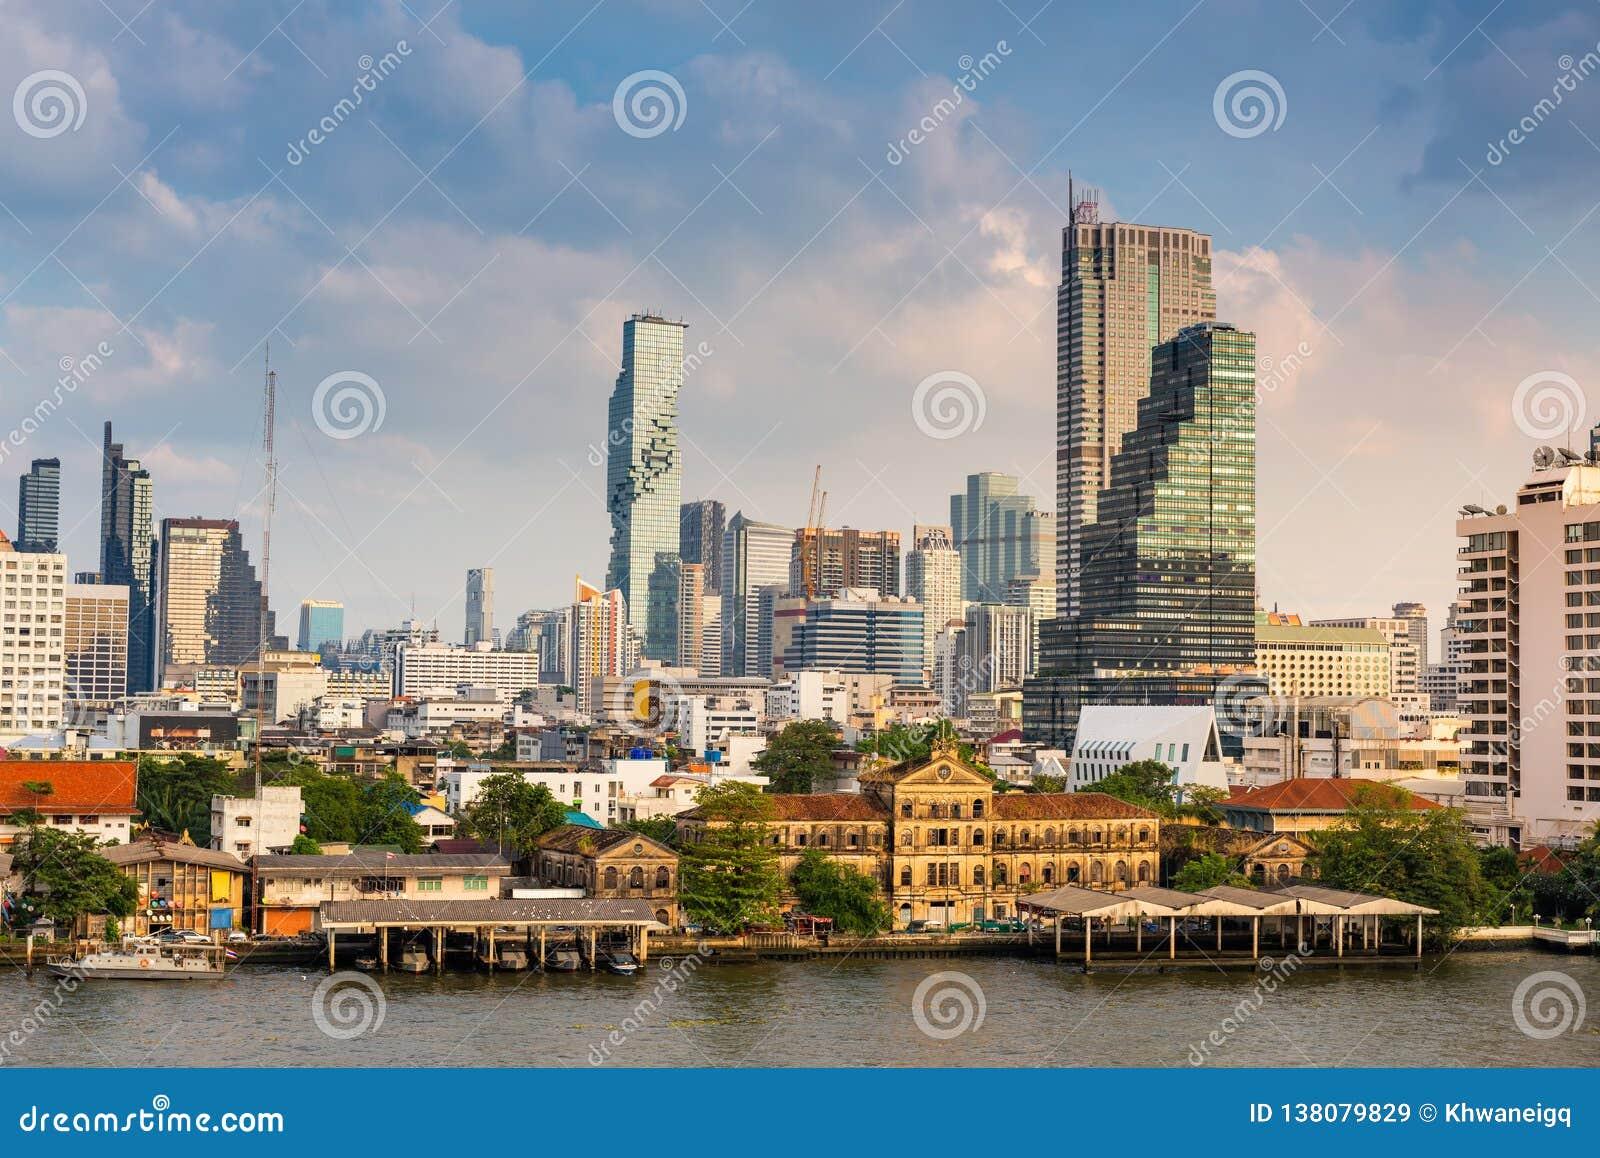 曼谷和泰国的摩天大楼大厦都市风景  事务风景和泰国的金融中心 E